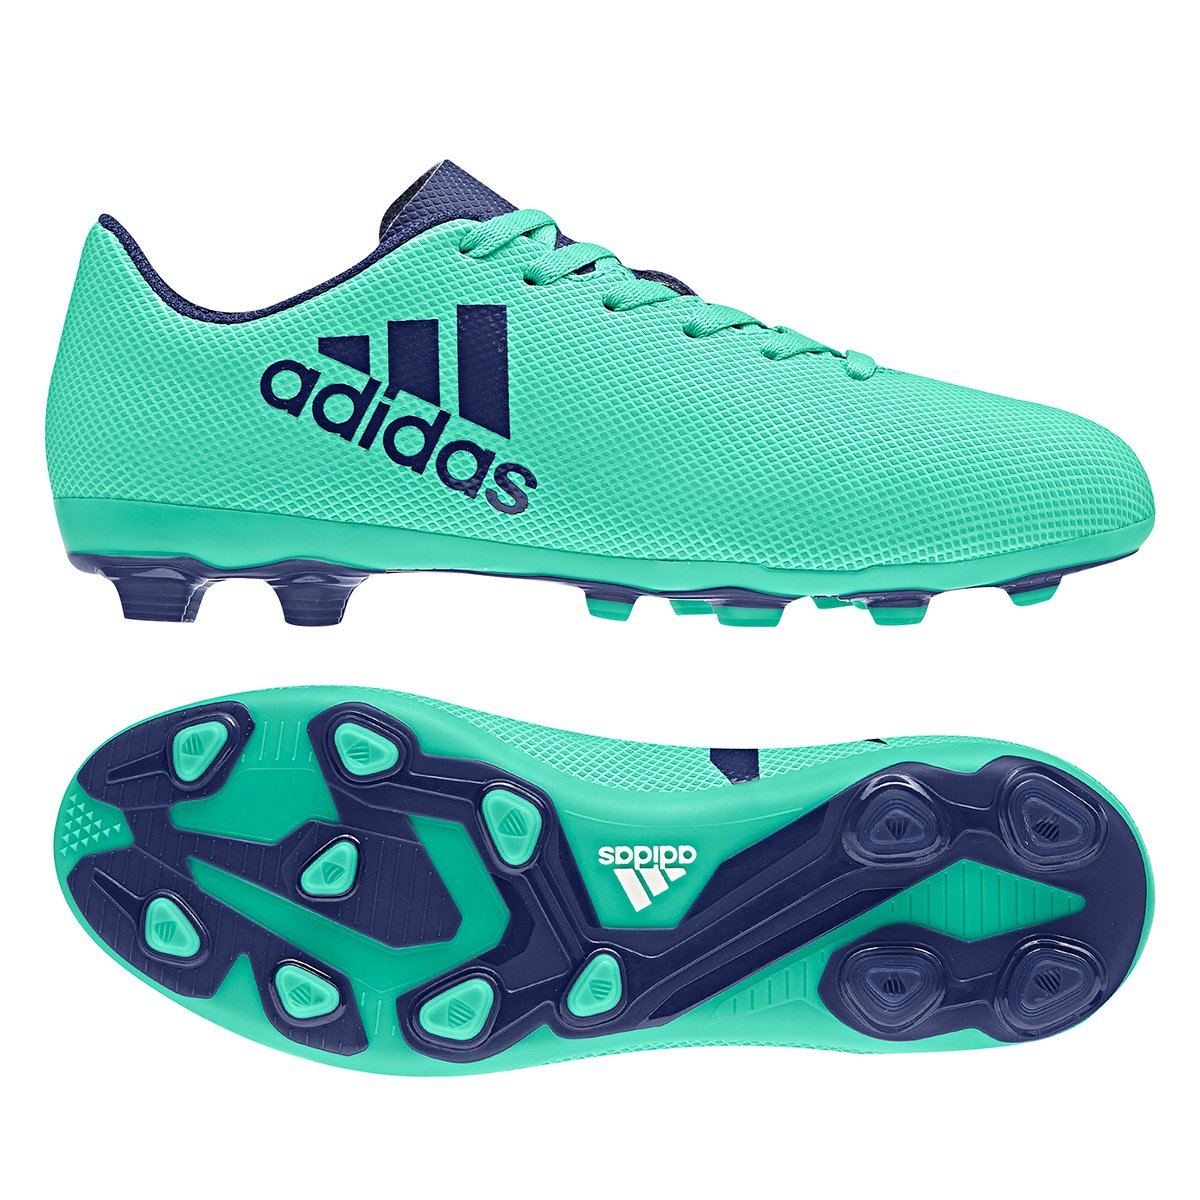 new style 1c989 efbe7 Chuteira Campo Infantil Adidas X 17 4 FXG - Verde e Azul